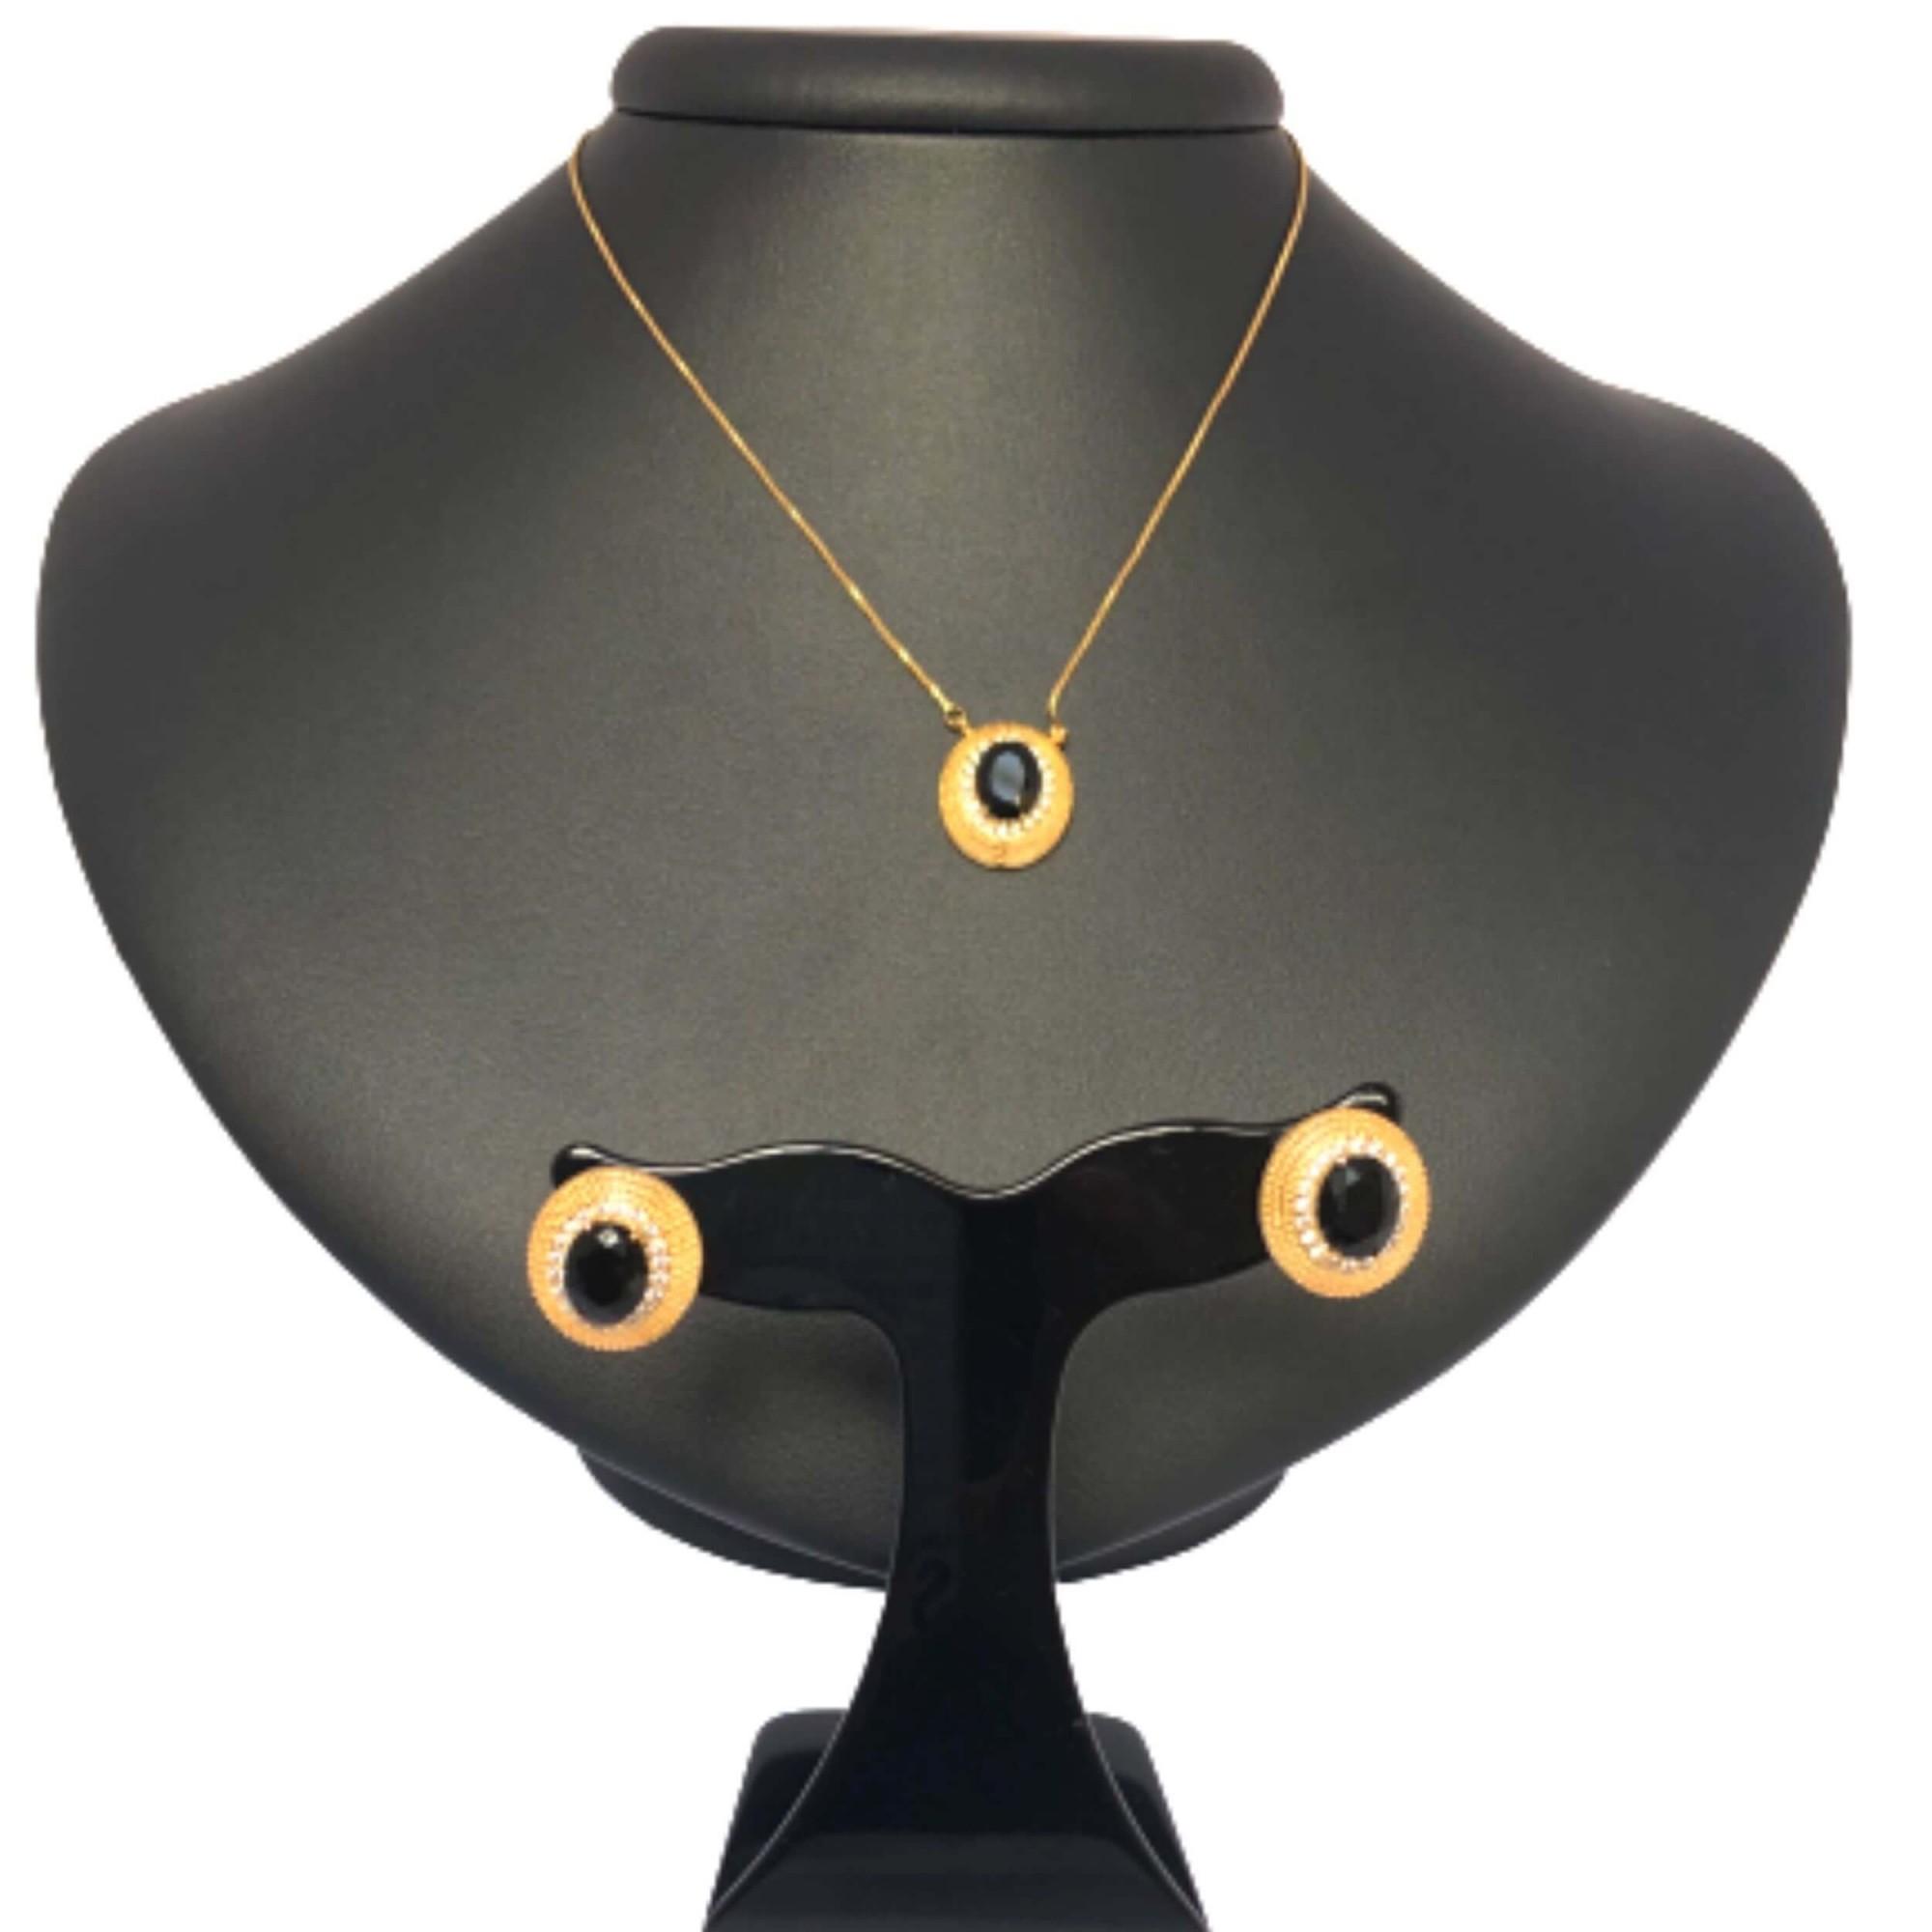 Conjunto pedra Ônix com Zircônia (item único) - Coleção Pedrarias